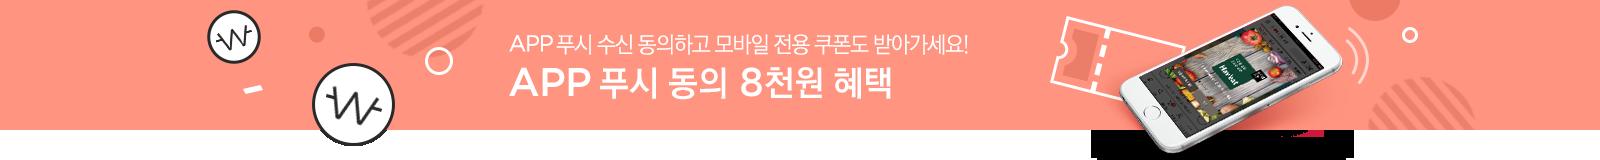 12월 APP  푸시 수신 동의 이벤트